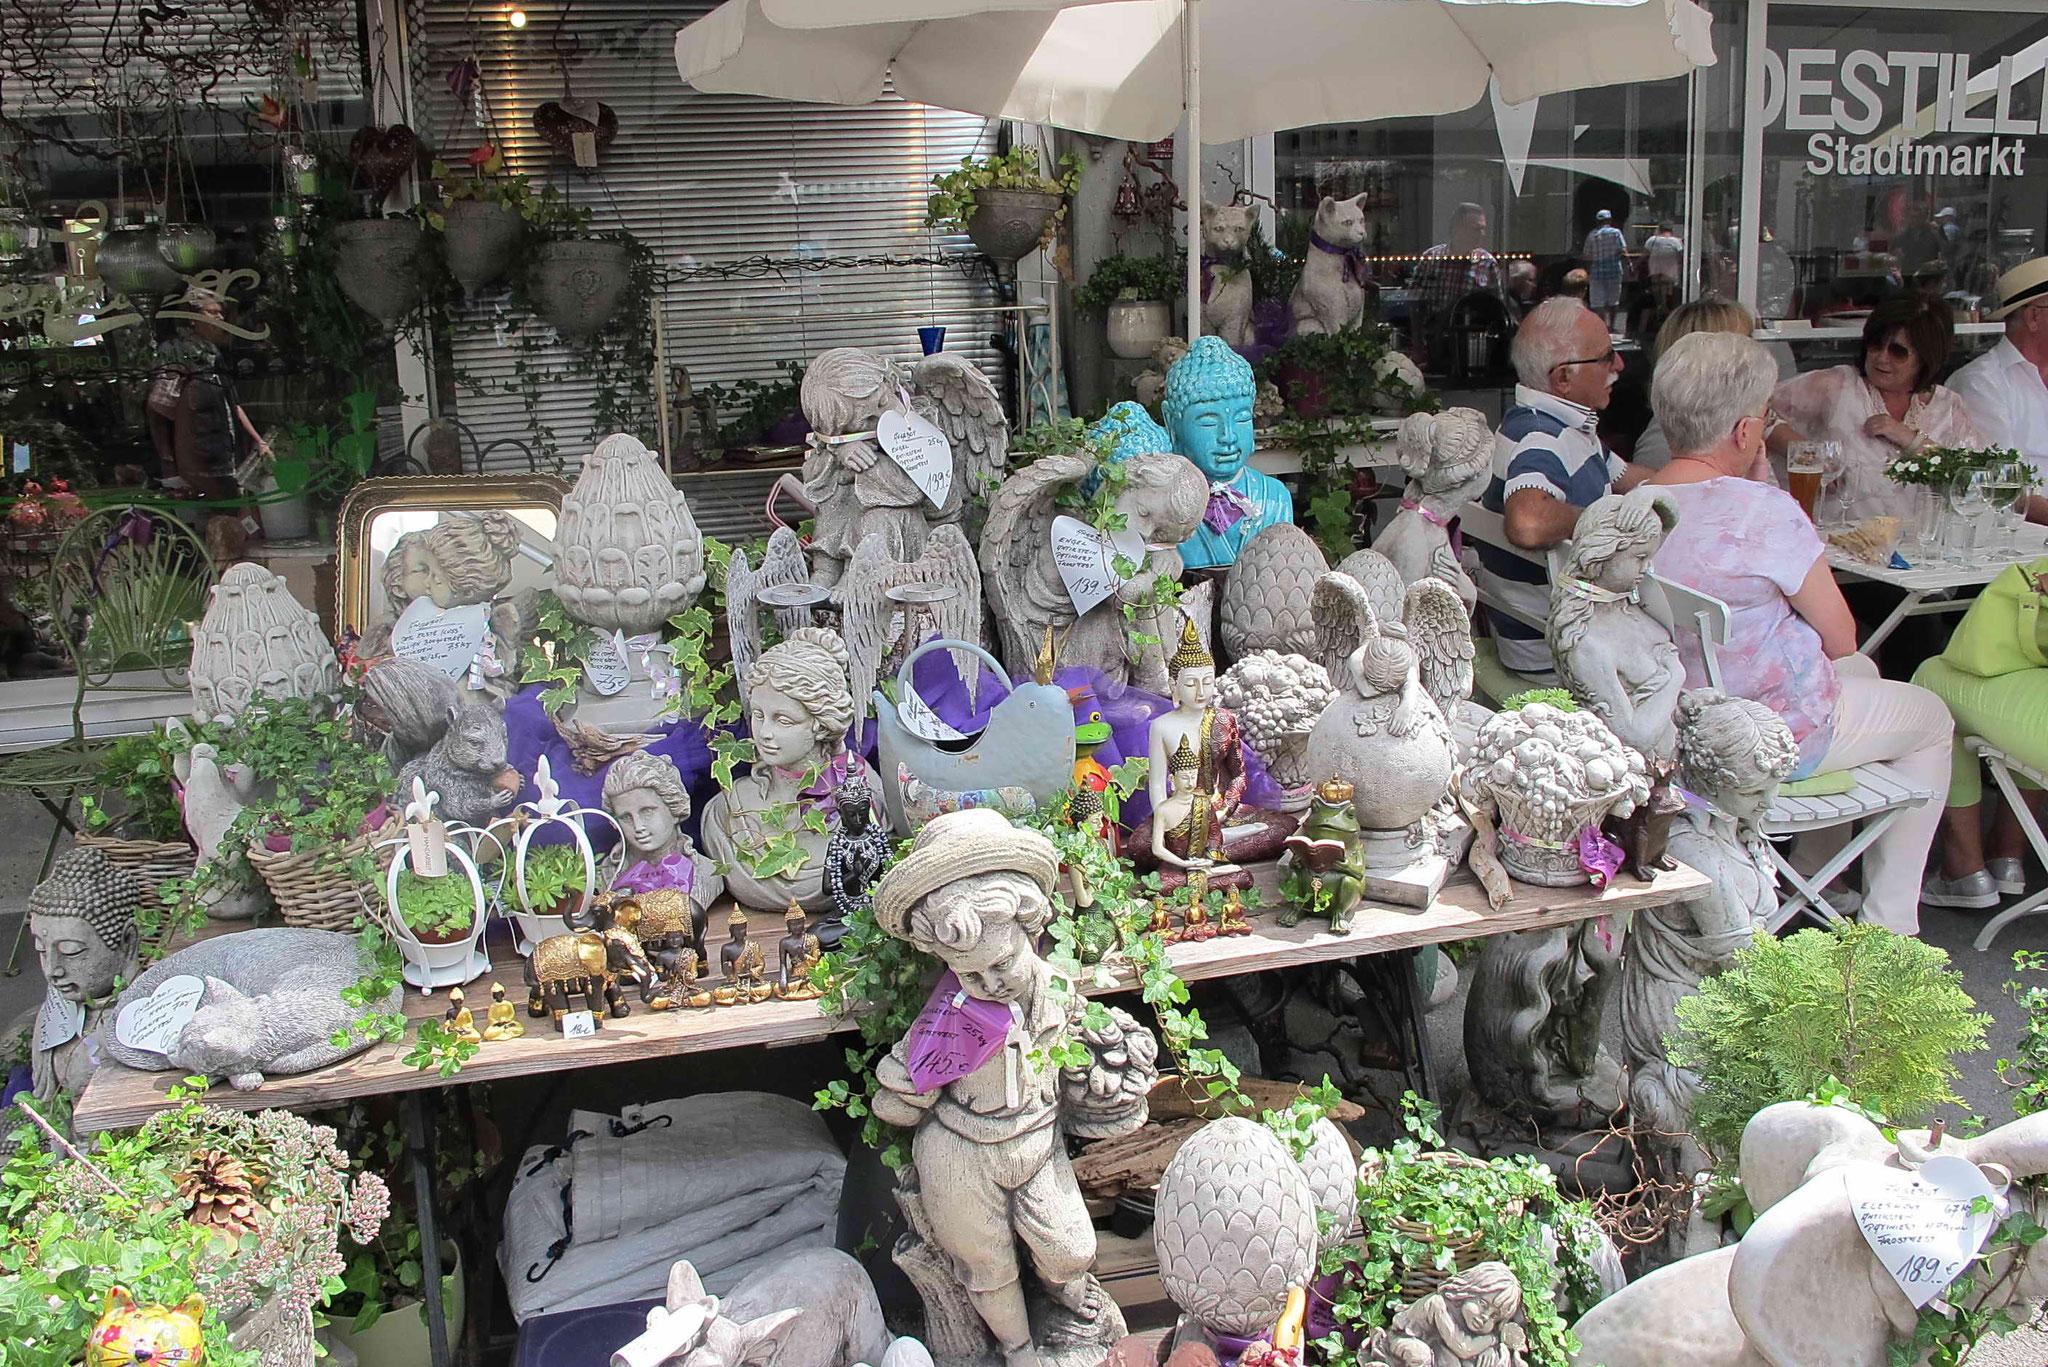 Augsburger Markt